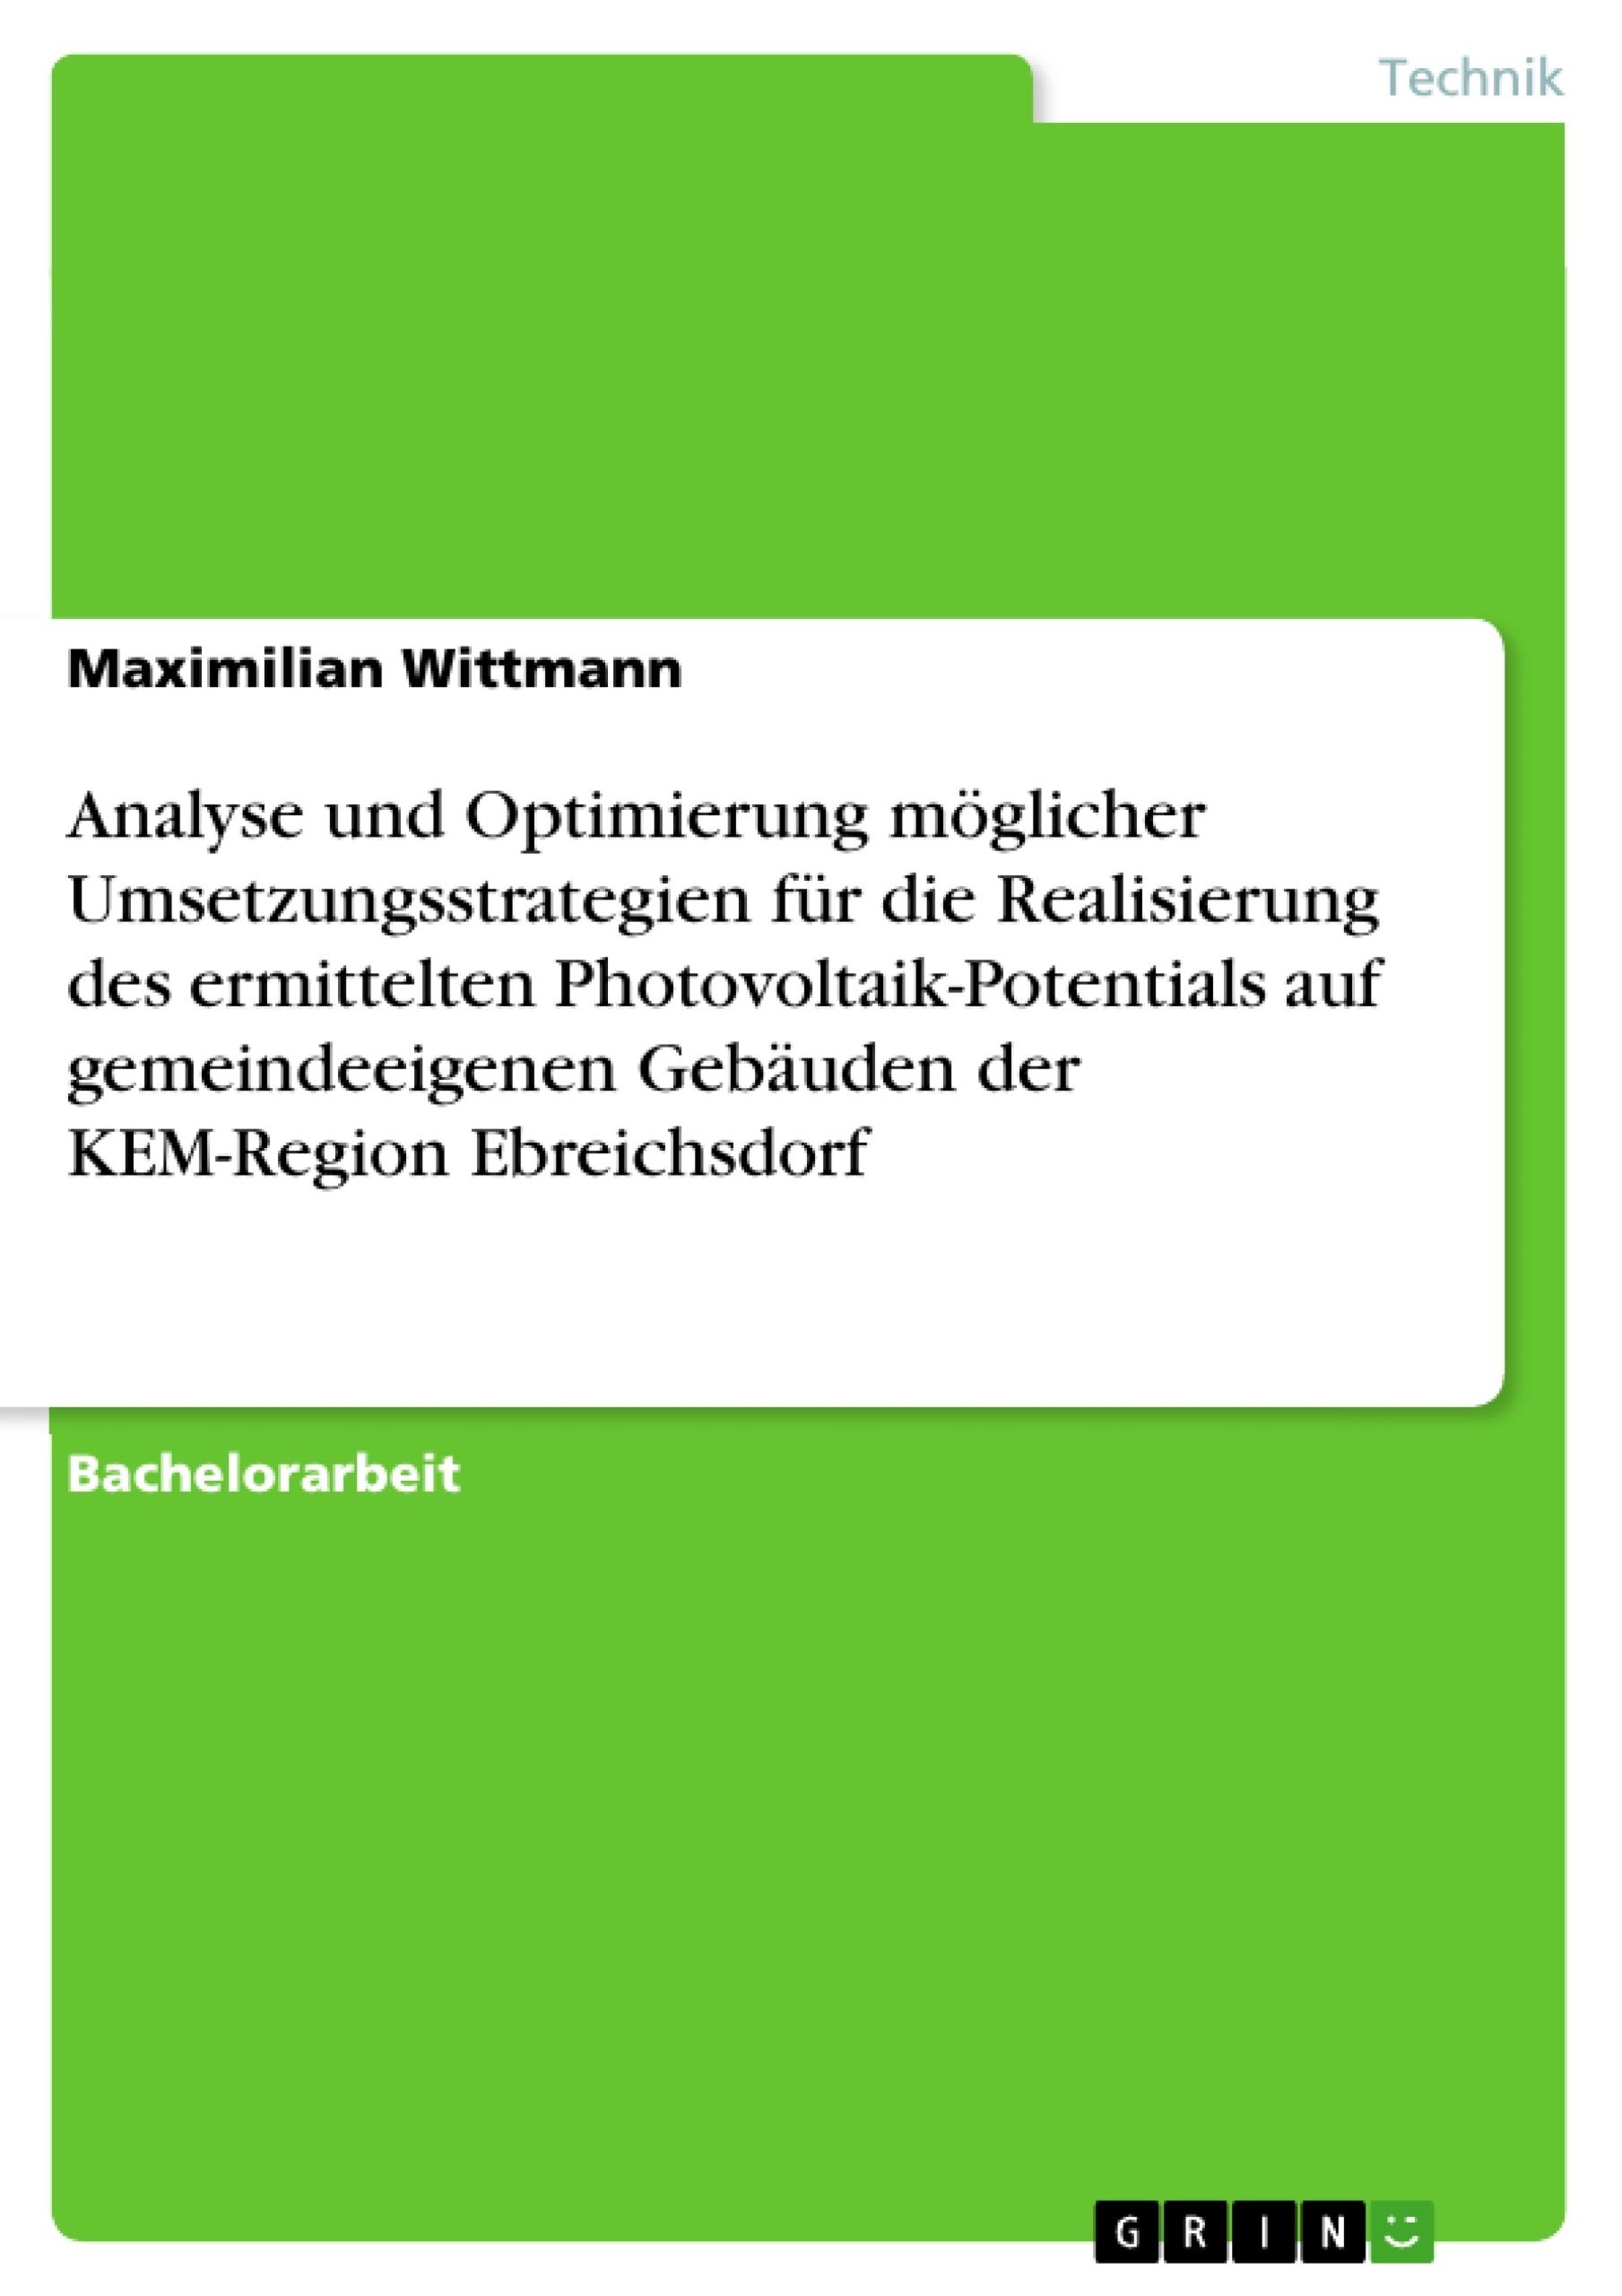 Titel: Analyse und Optimierung möglicher Umsetzungsstrategien für die Realisierung des ermittelten Photovoltaik-Potentials auf gemeindeeigenen Gebäuden der KEM-Region Ebreichsdorf